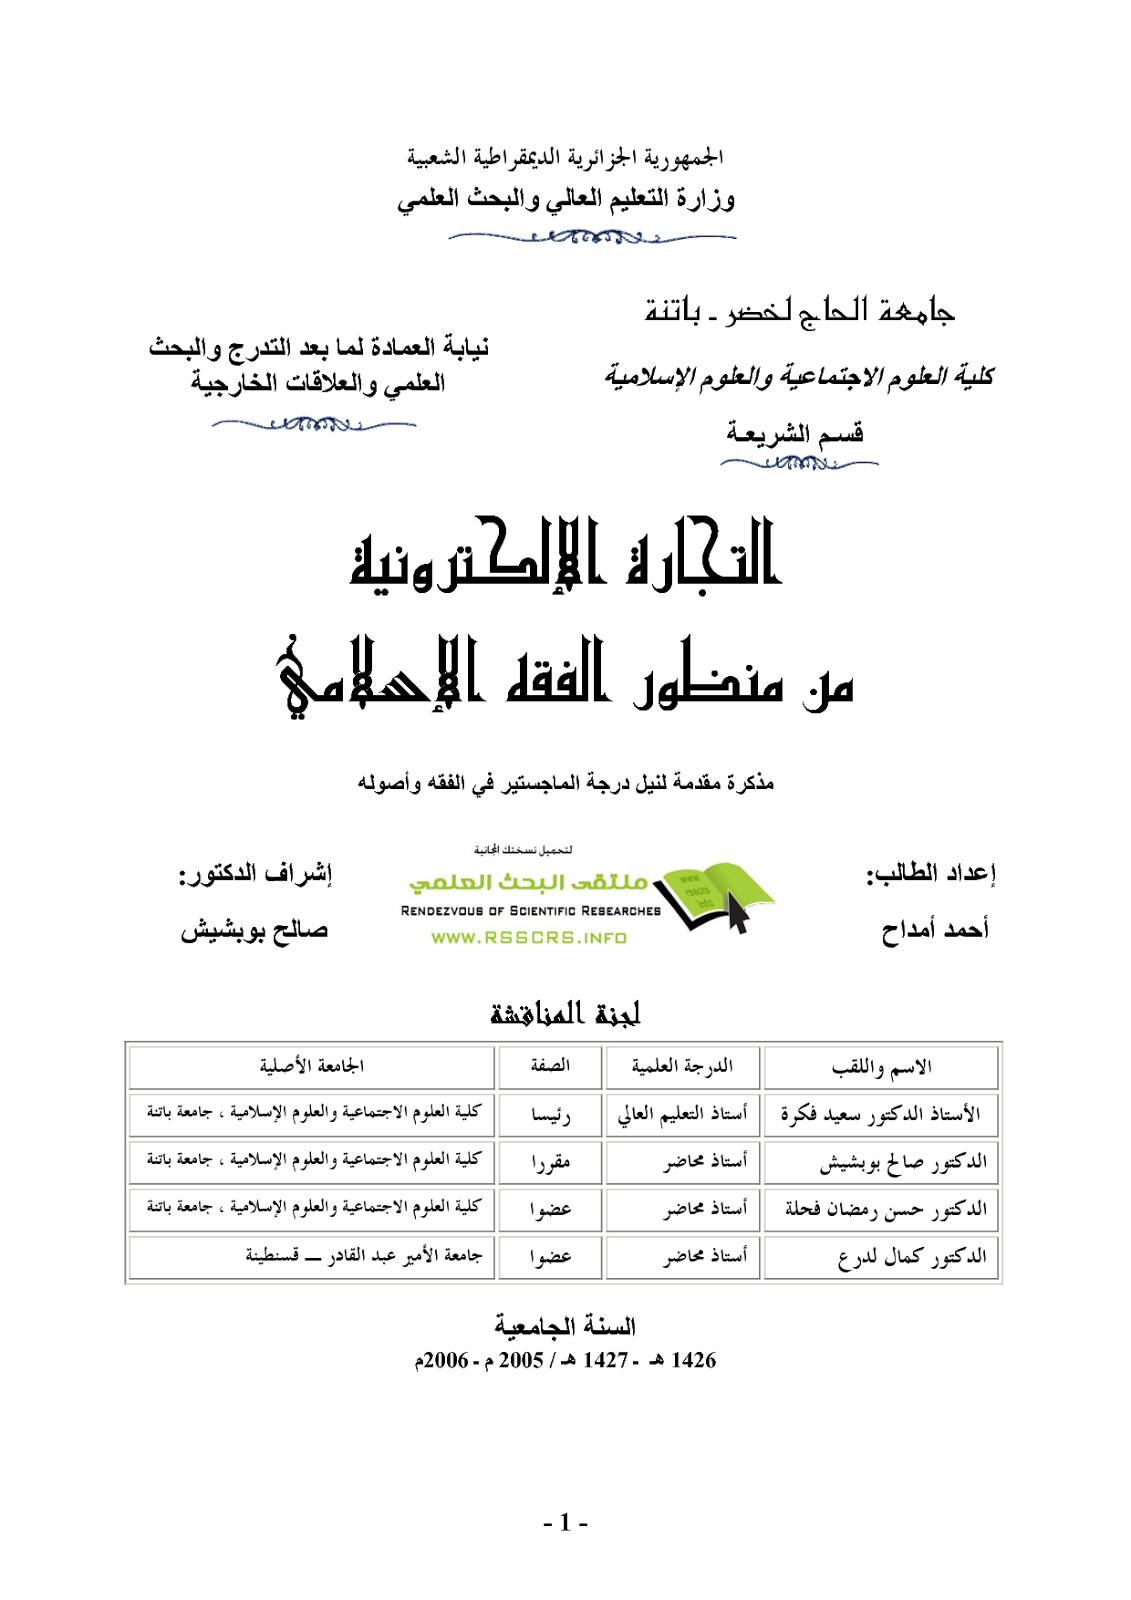 التجارة الإلكترونية من منطور الفقه الإسلامي - رسالة ماجستير